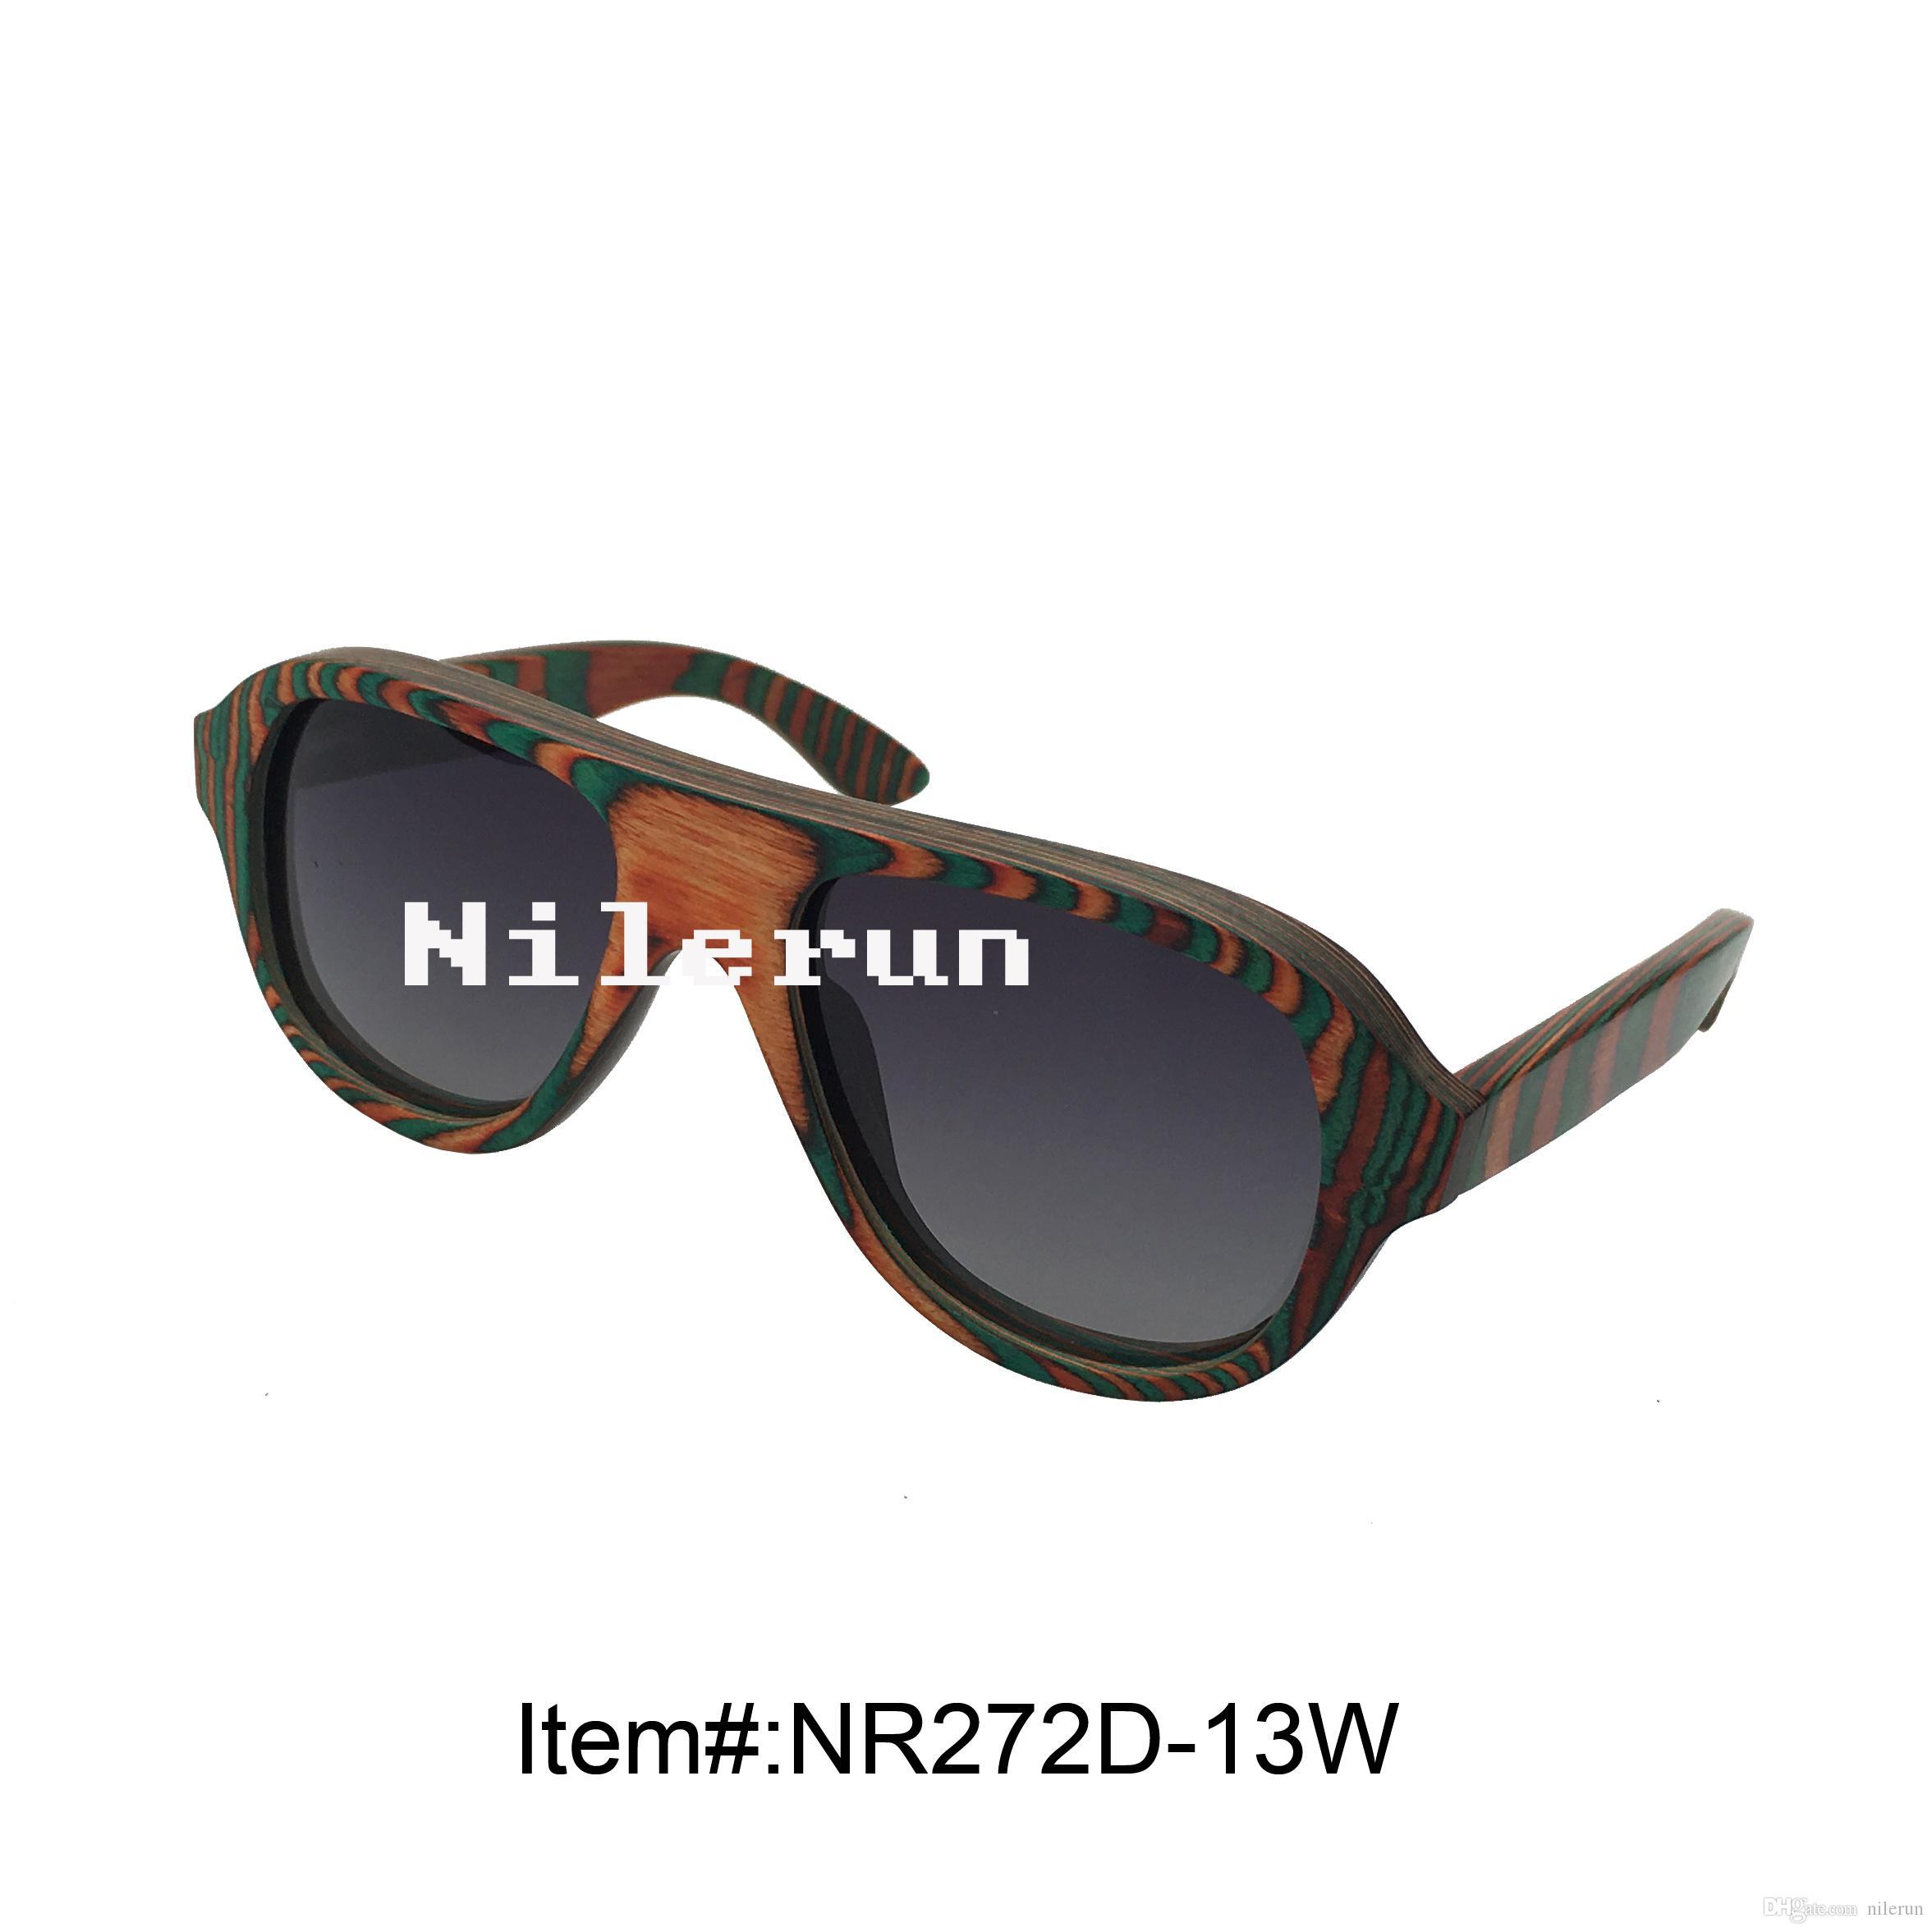 occhiali da sole in legno multi colore creativo